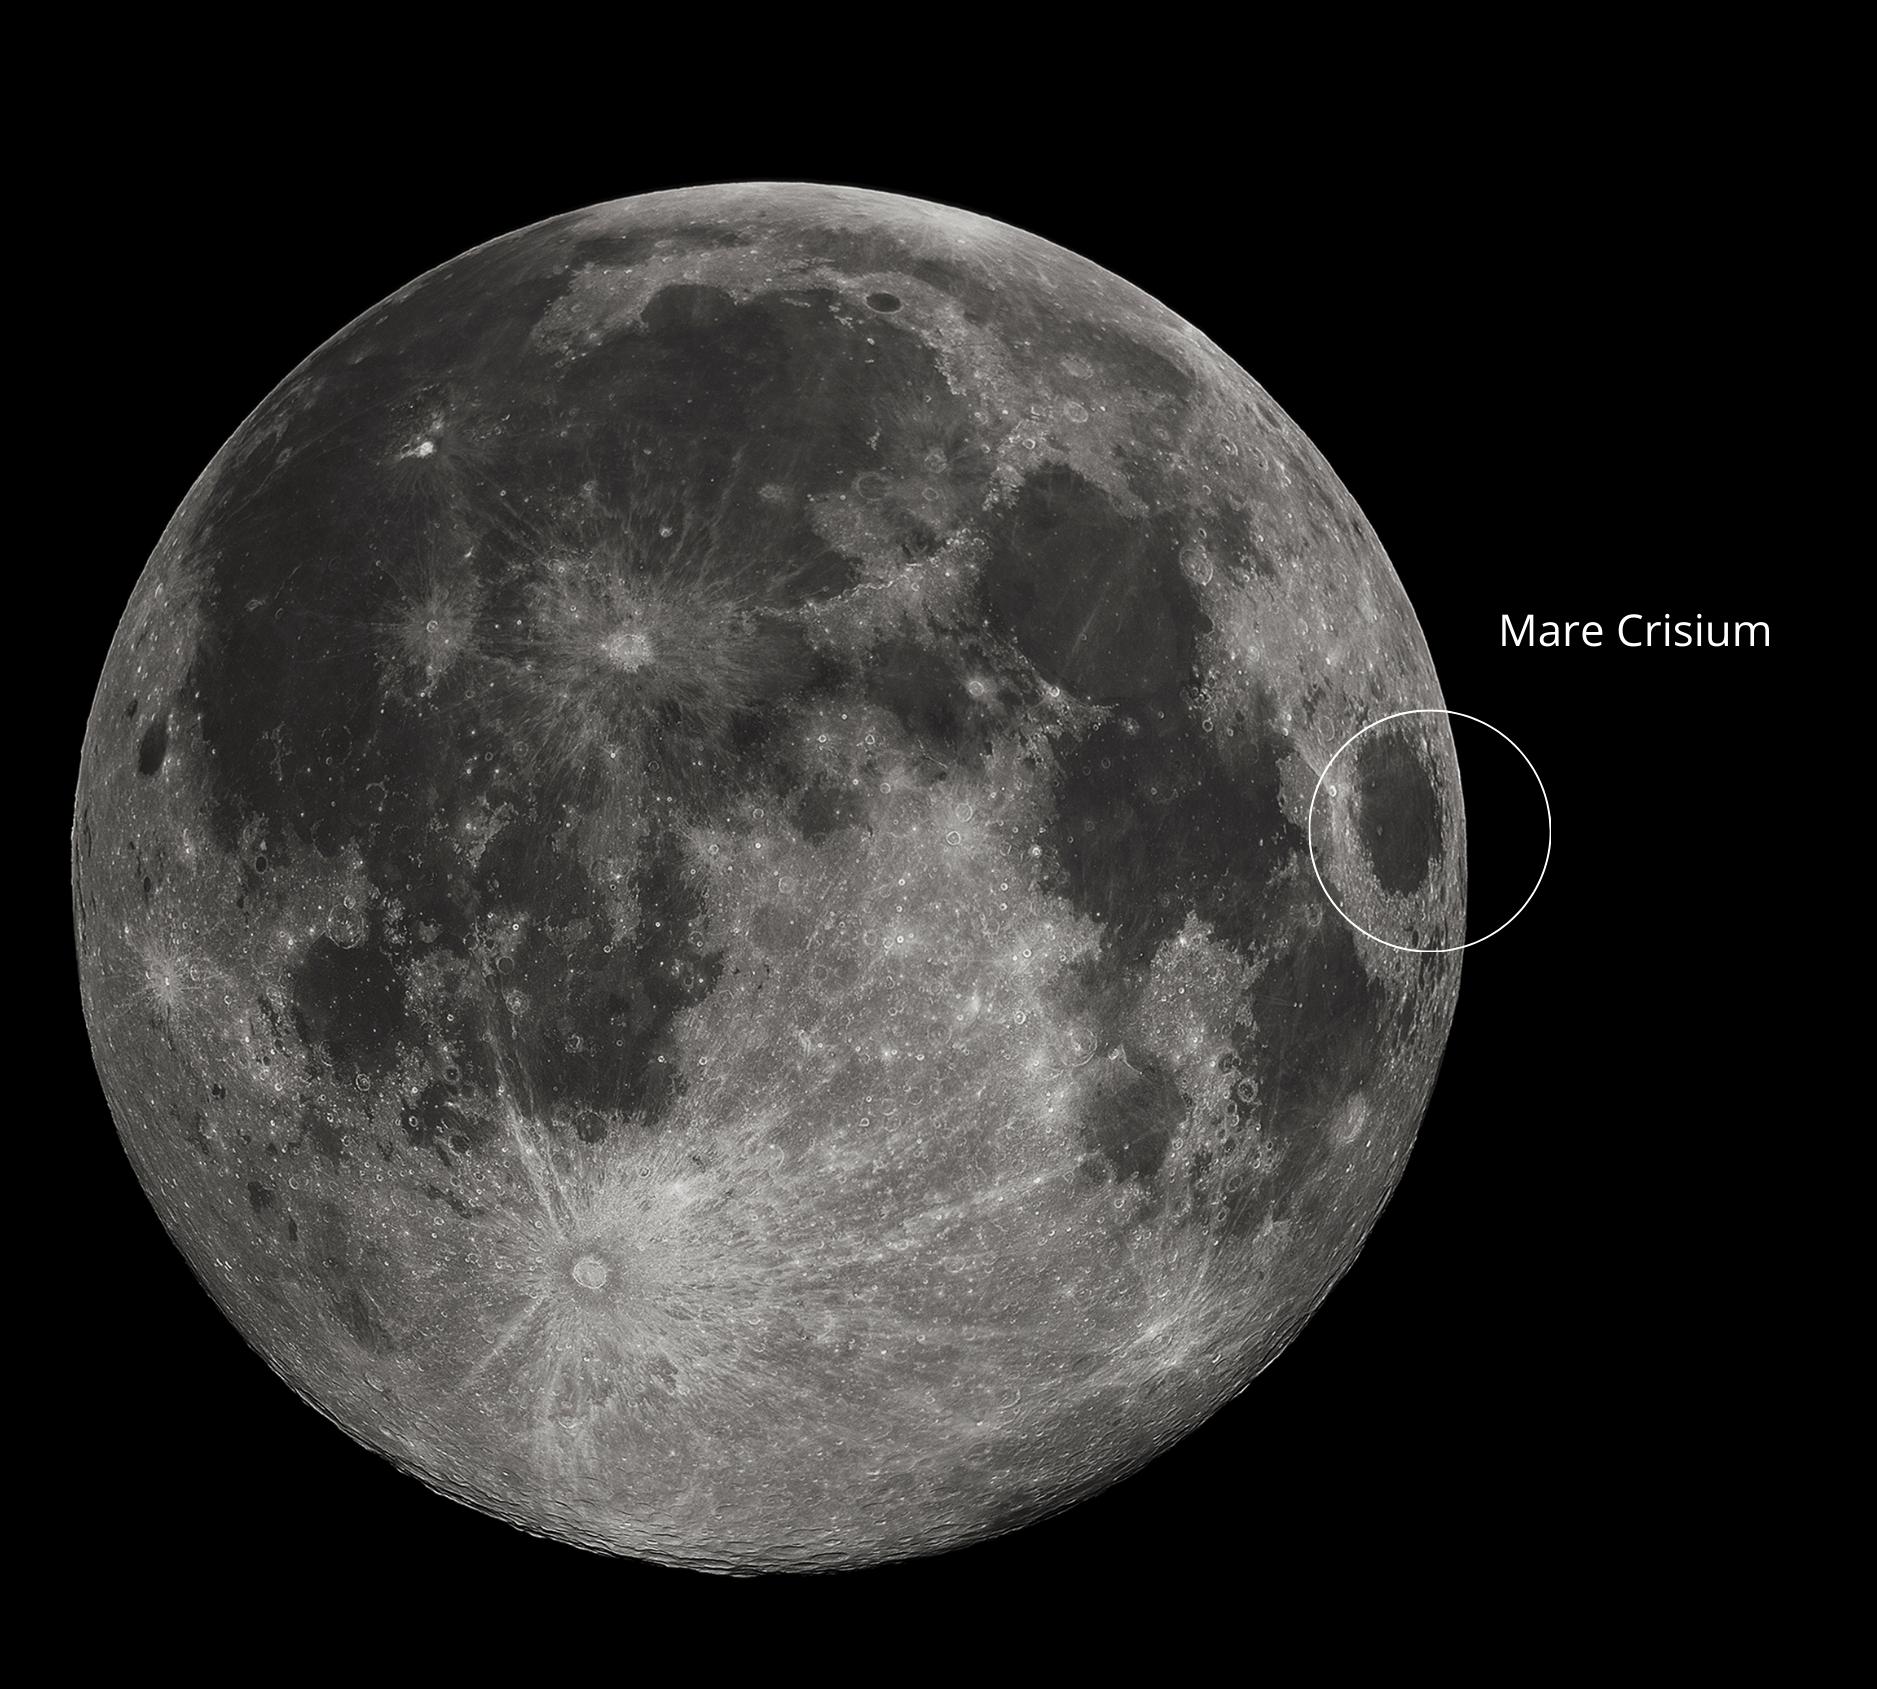 Mare Crisium sulla Luna, dove allunerà il Lander Ghost Blue.